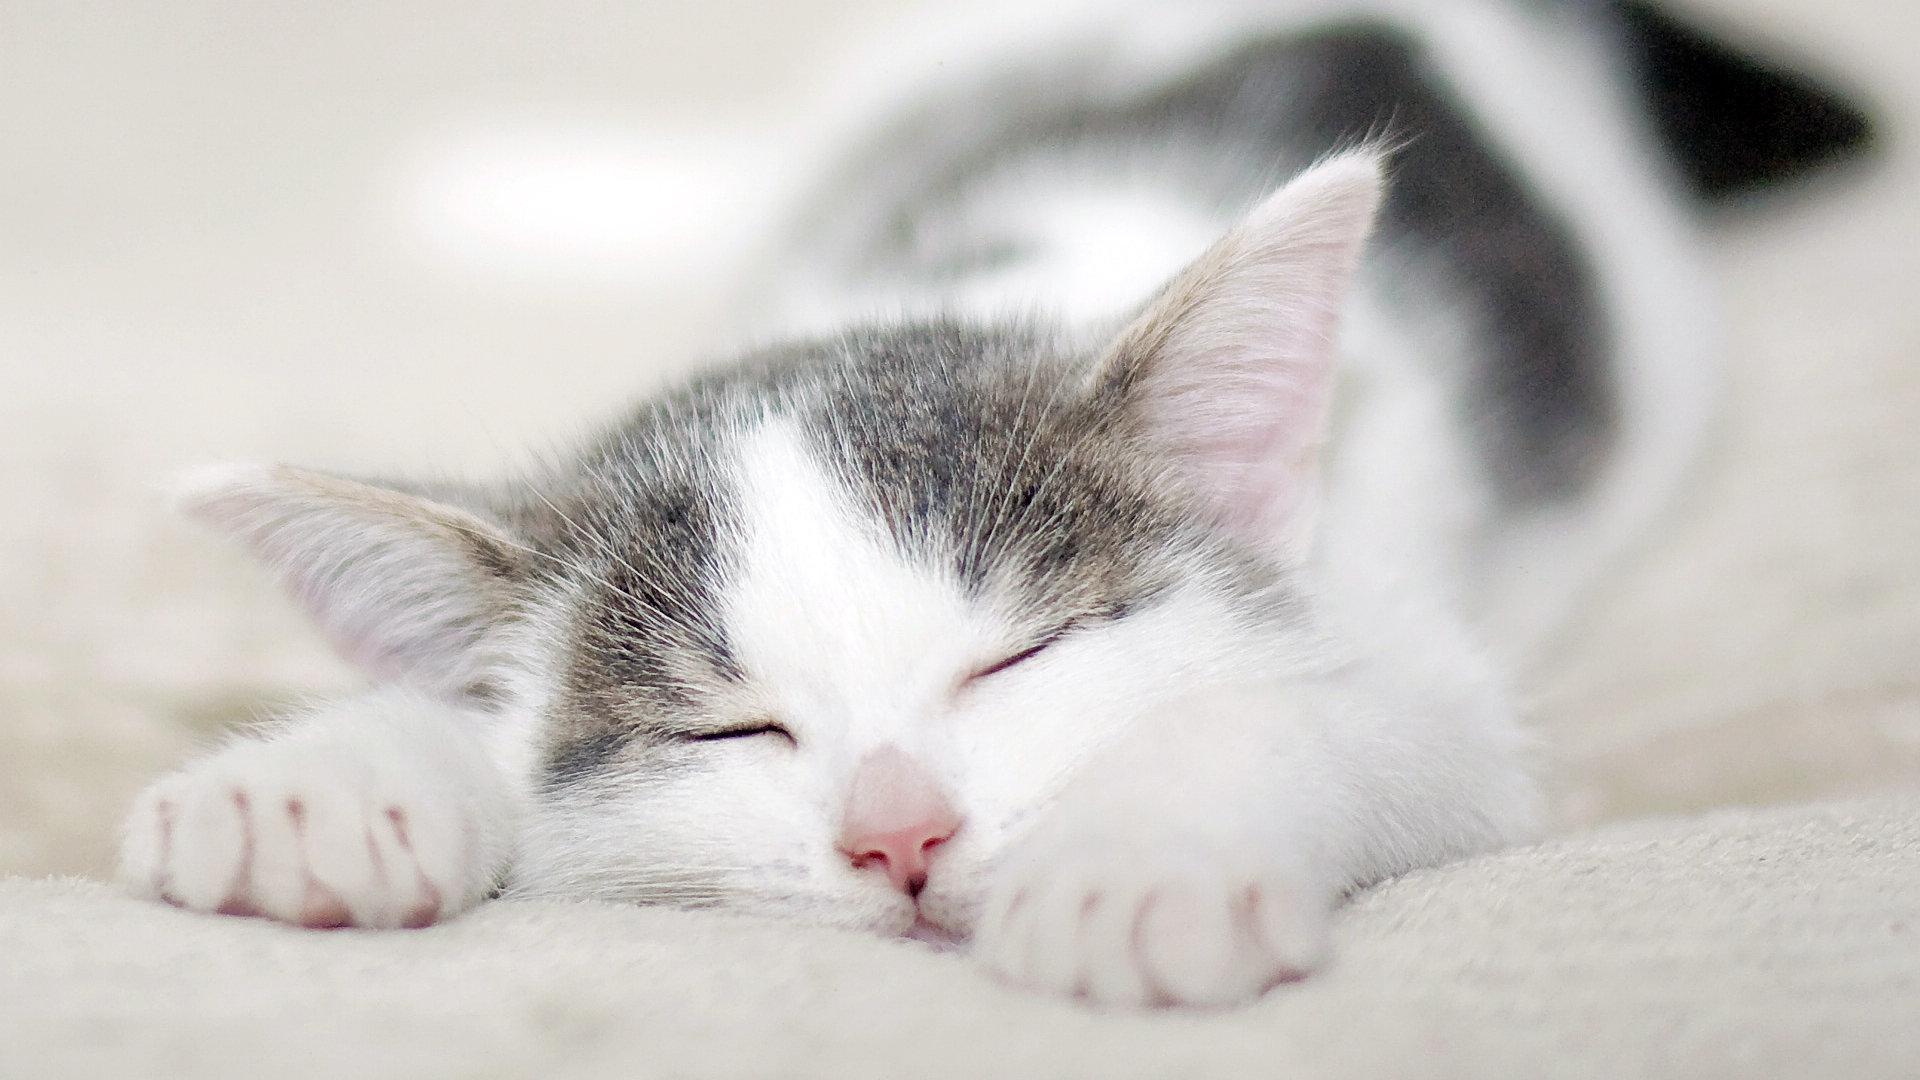 Храп-убийца, или почему не стоит верить мифам о сне